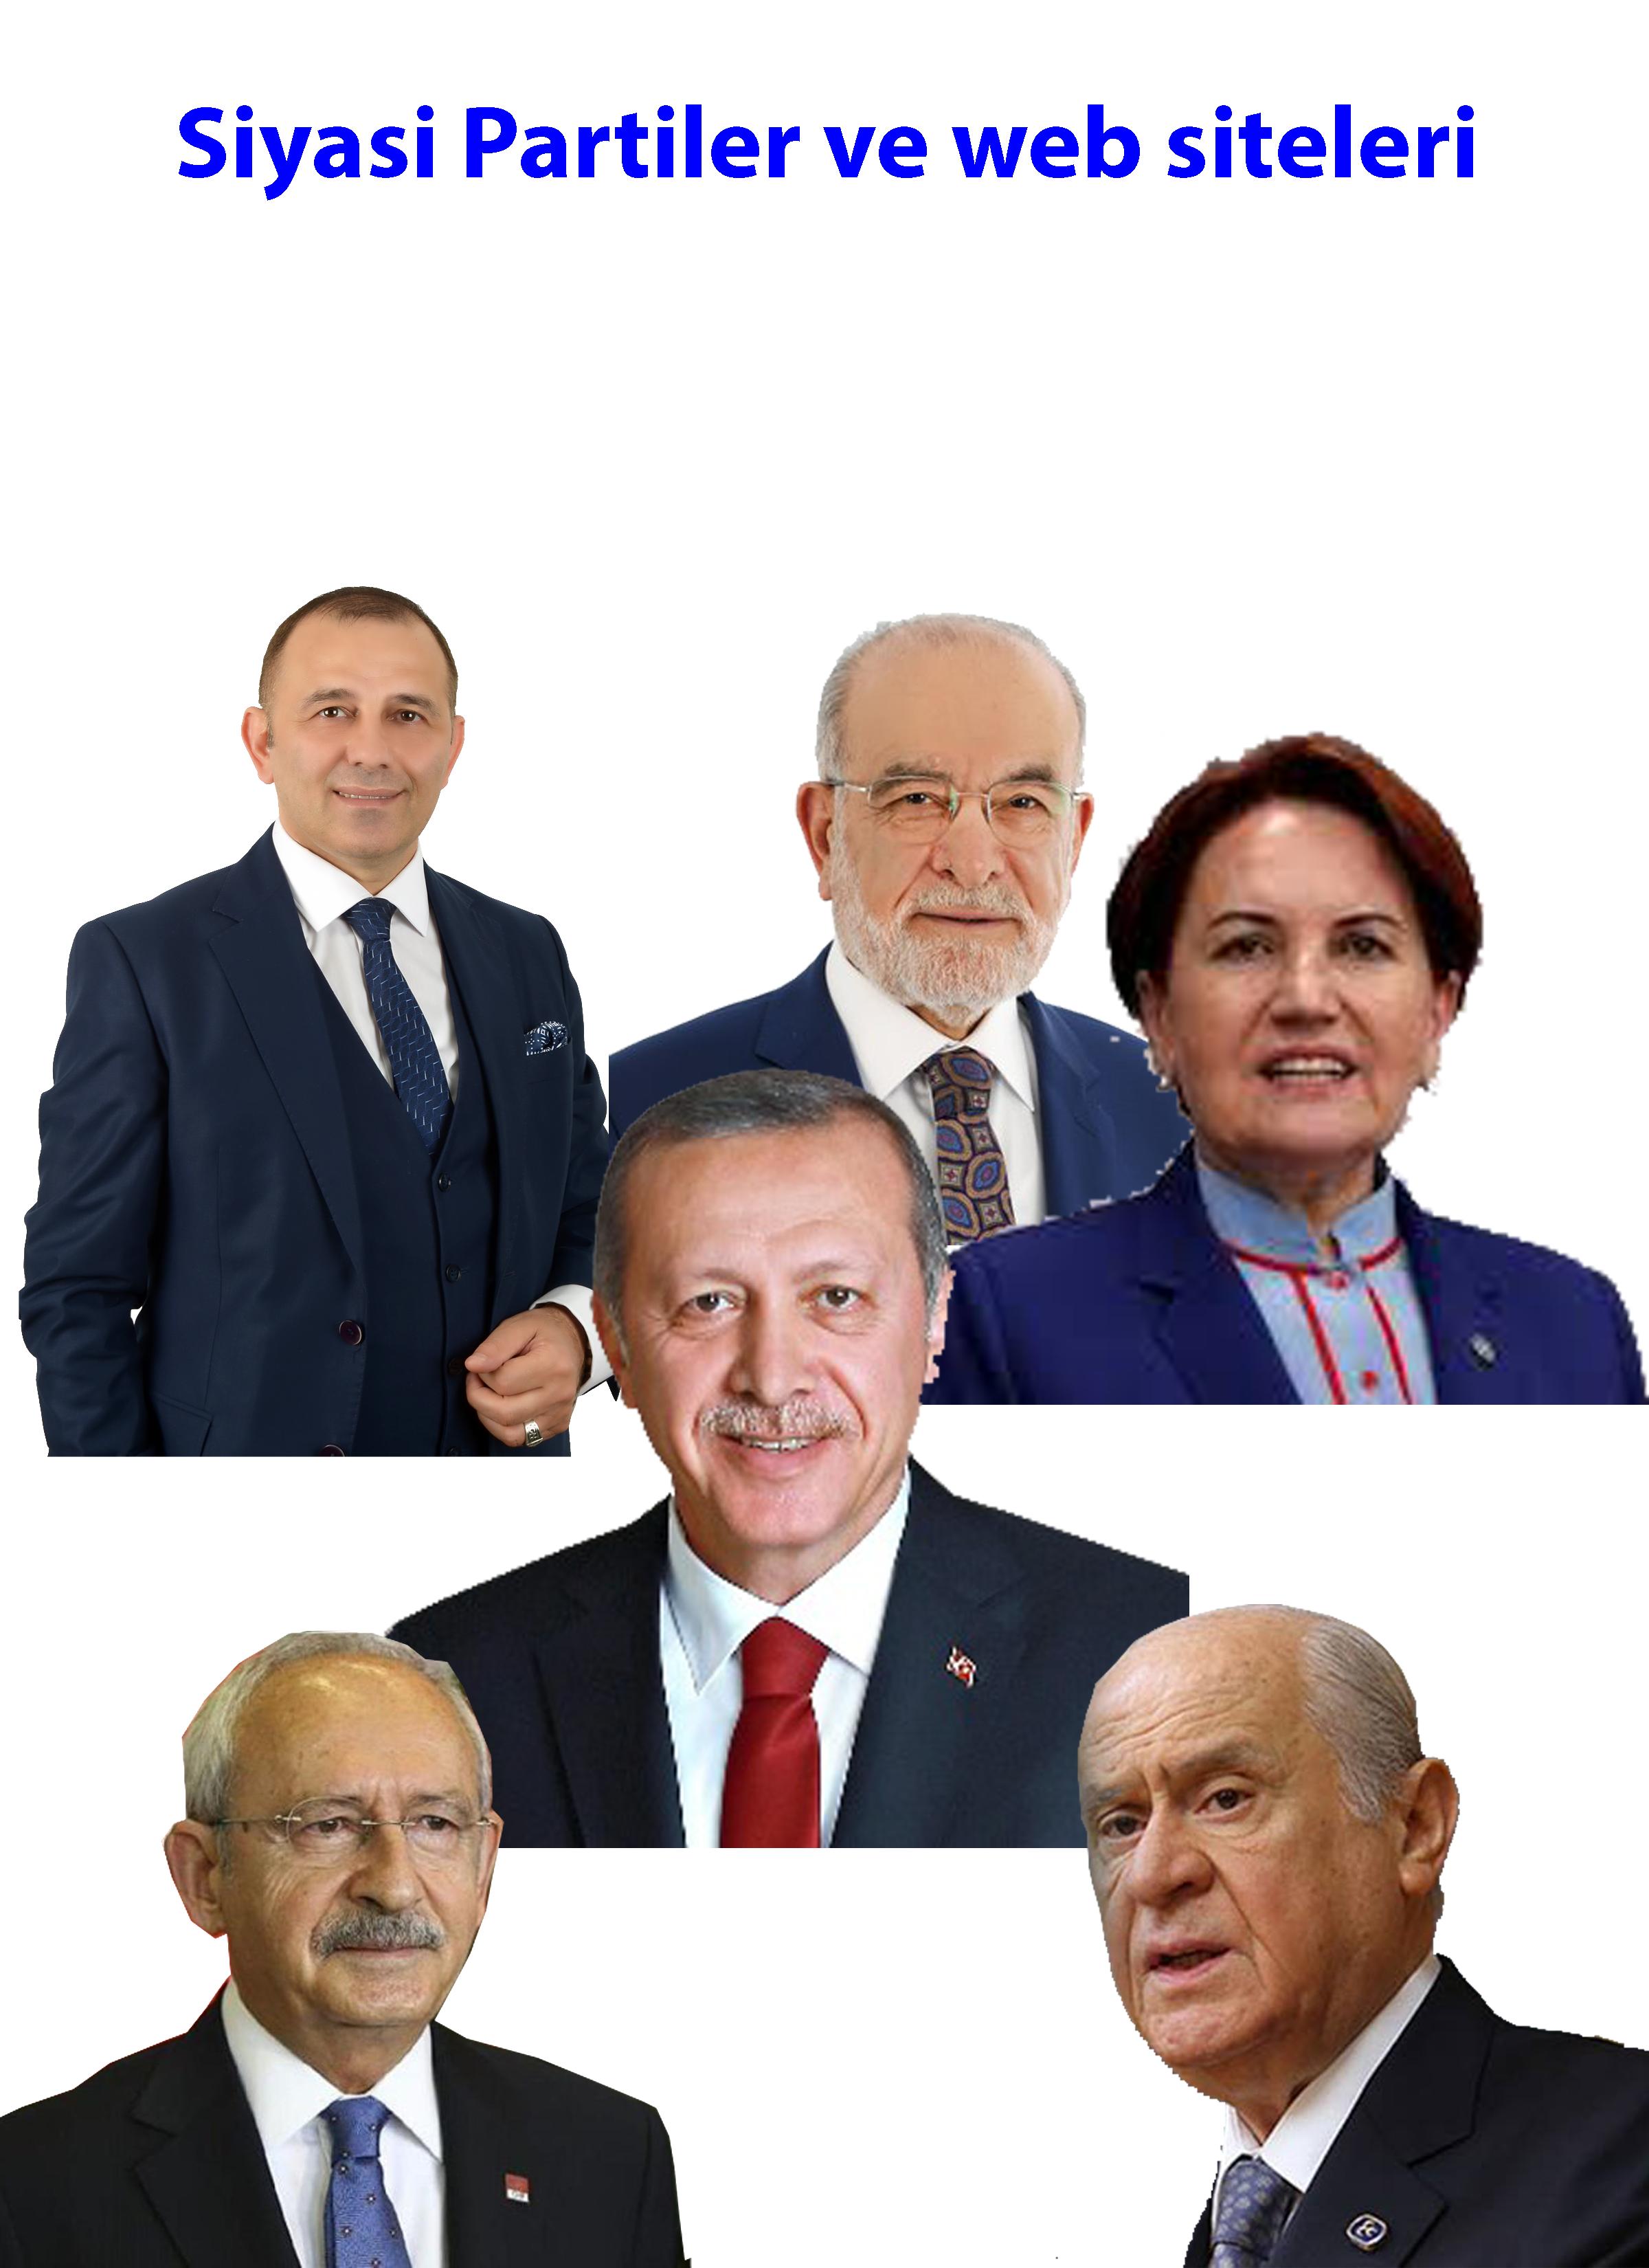 siyasipartilerwebsiteleri